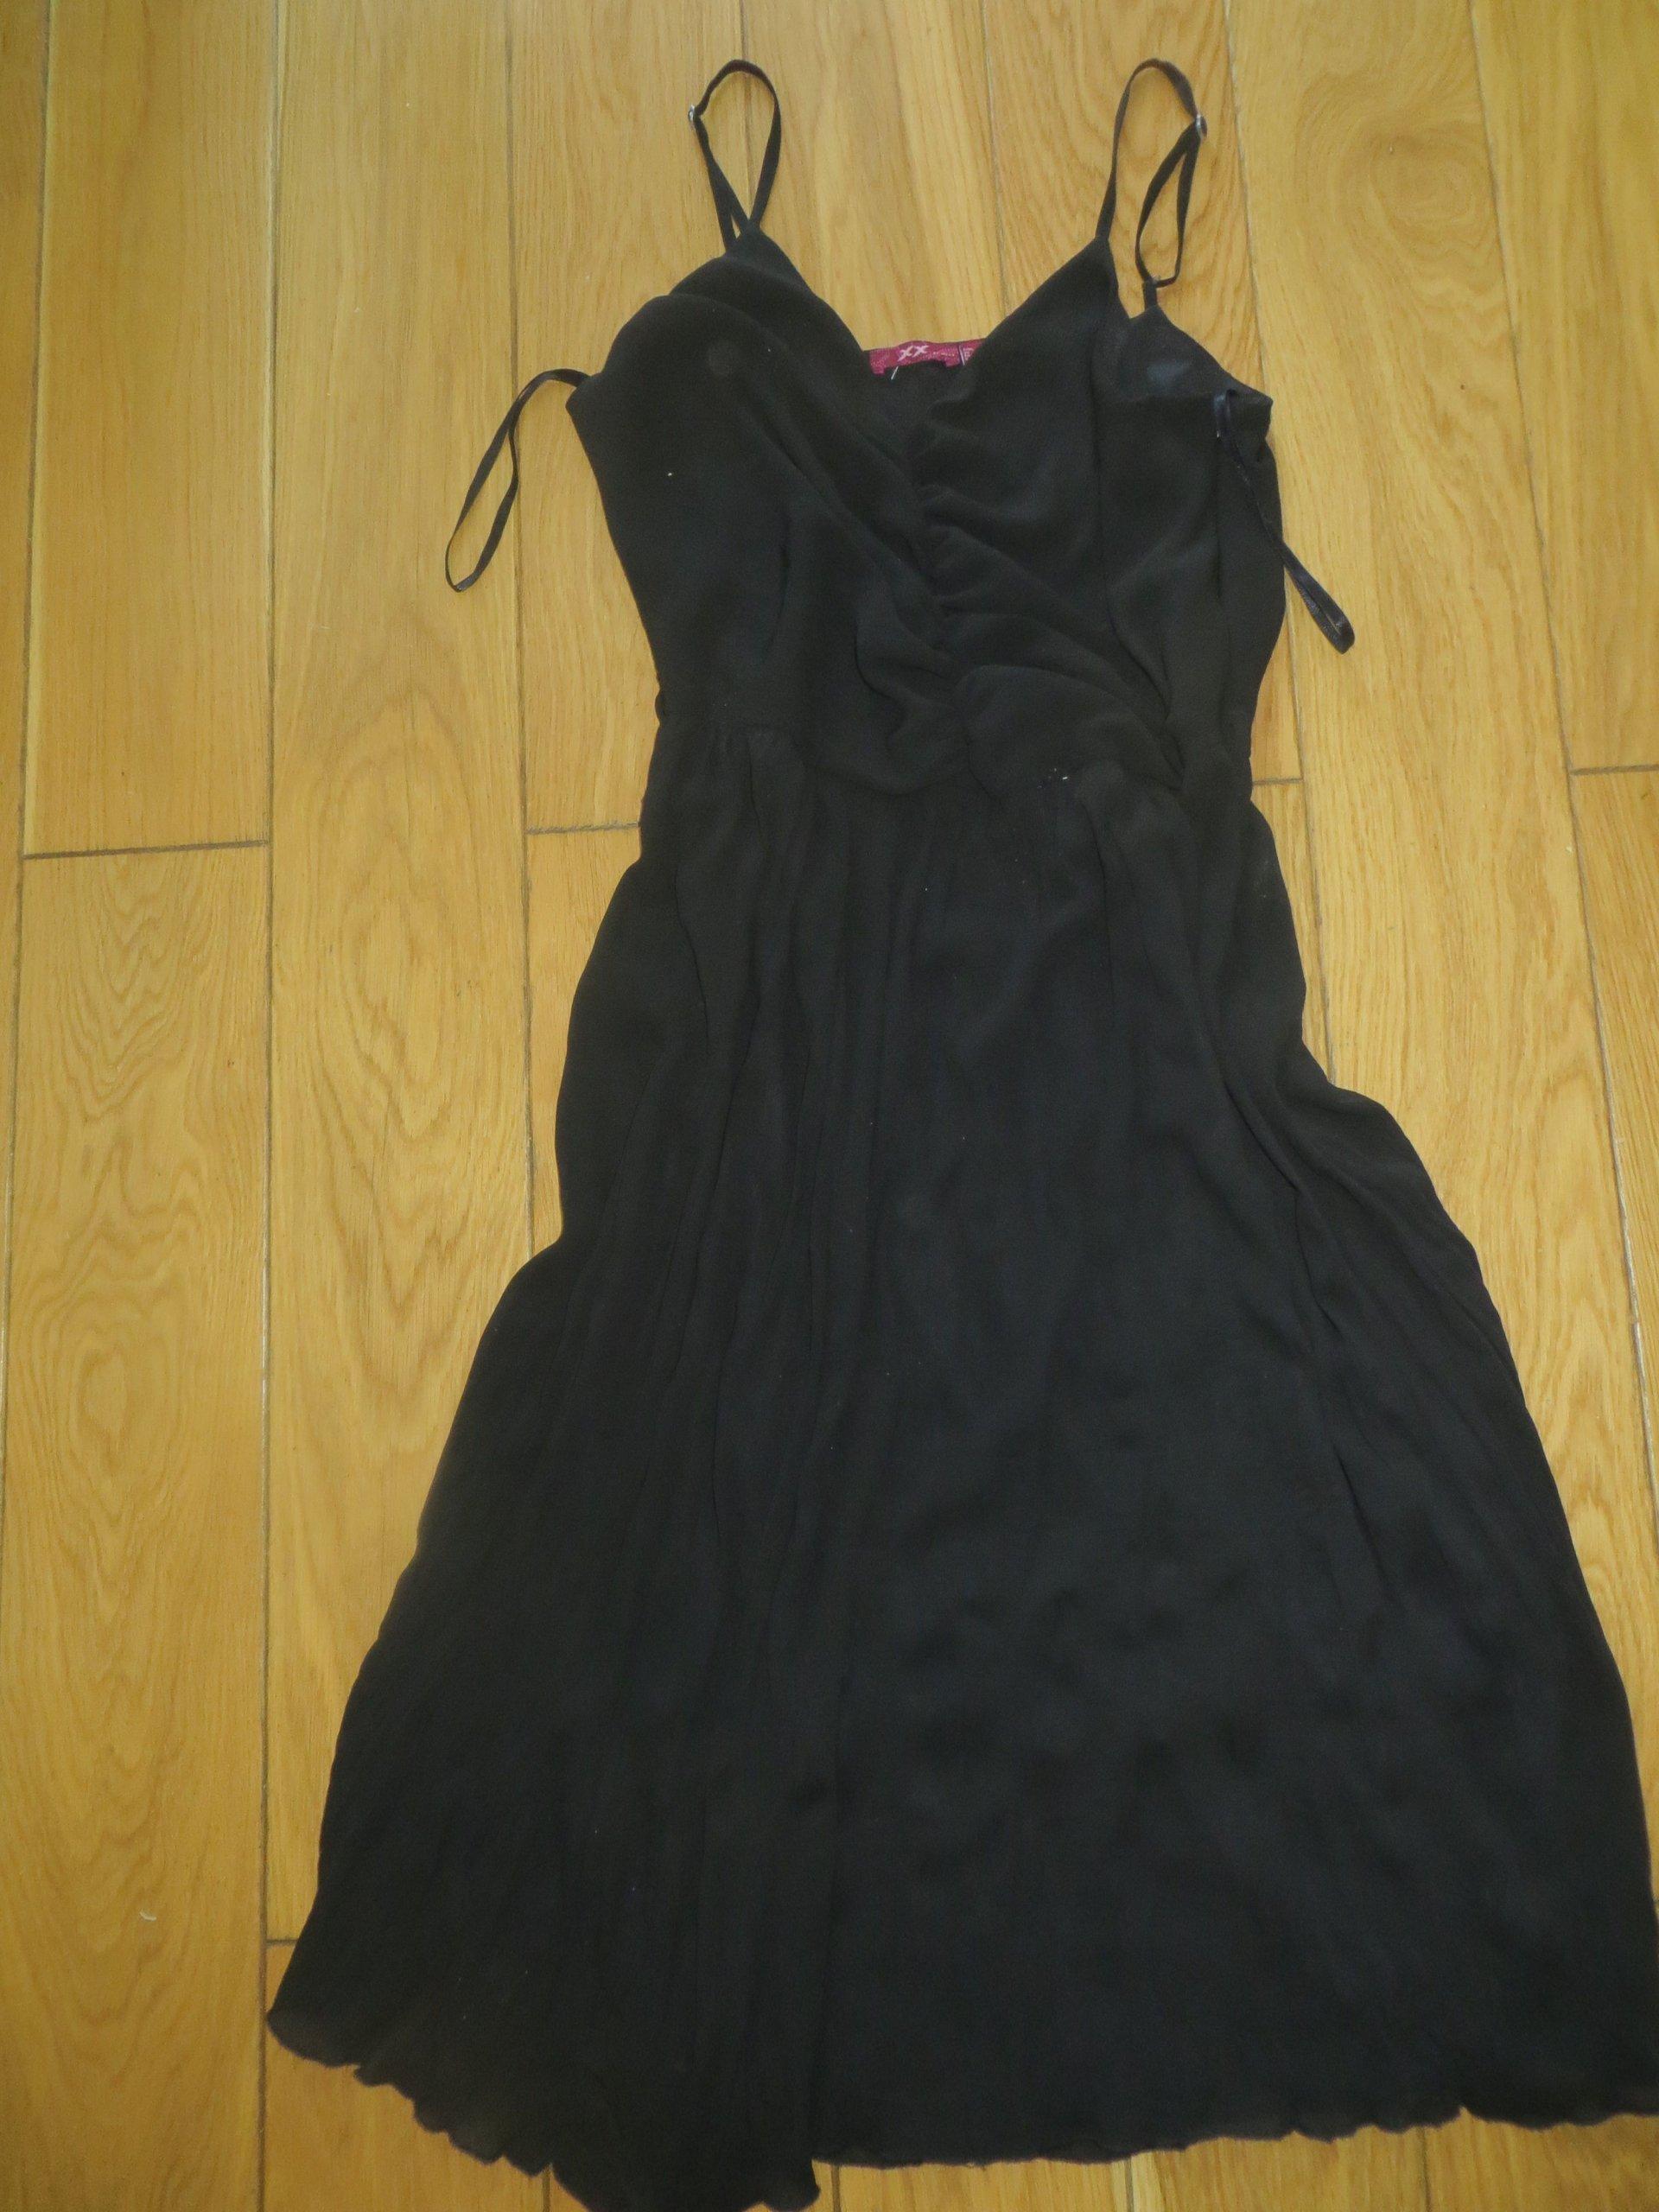 6e7dabff74 Sukienka Mexx rozmiar 40 - 7207756434 - oficjalne archiwum allegro